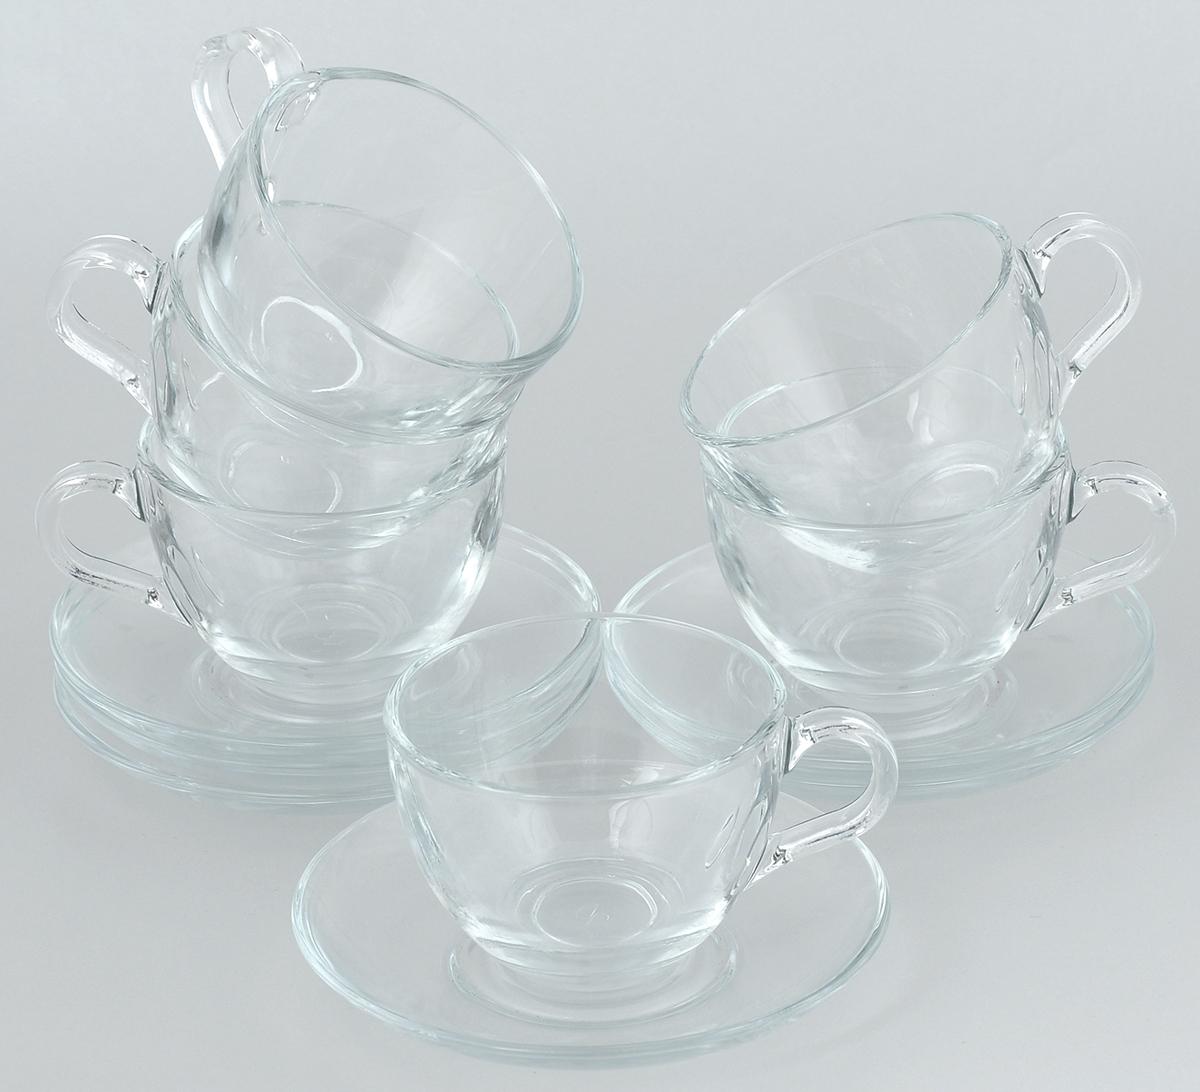 Набор чайный Pasabahce Basic, 12 предметов. 97948BT97948BTЧайный набор Pasabahce Basic состоит из шести чашек и шести блюдец. Предметы набора изготовлены из прочного натрий-кальций-силикатного стекла. Изящный чайный набор великолепно украсит стол к чаепитию и порадует вас и ваших гостей ярким дизайном и качеством исполнения. Объем чашки: 215 мл. Высота чашки: 6,5 см. Диаметр чашки: 9 см. Диаметр блюдца: 13,5 см.